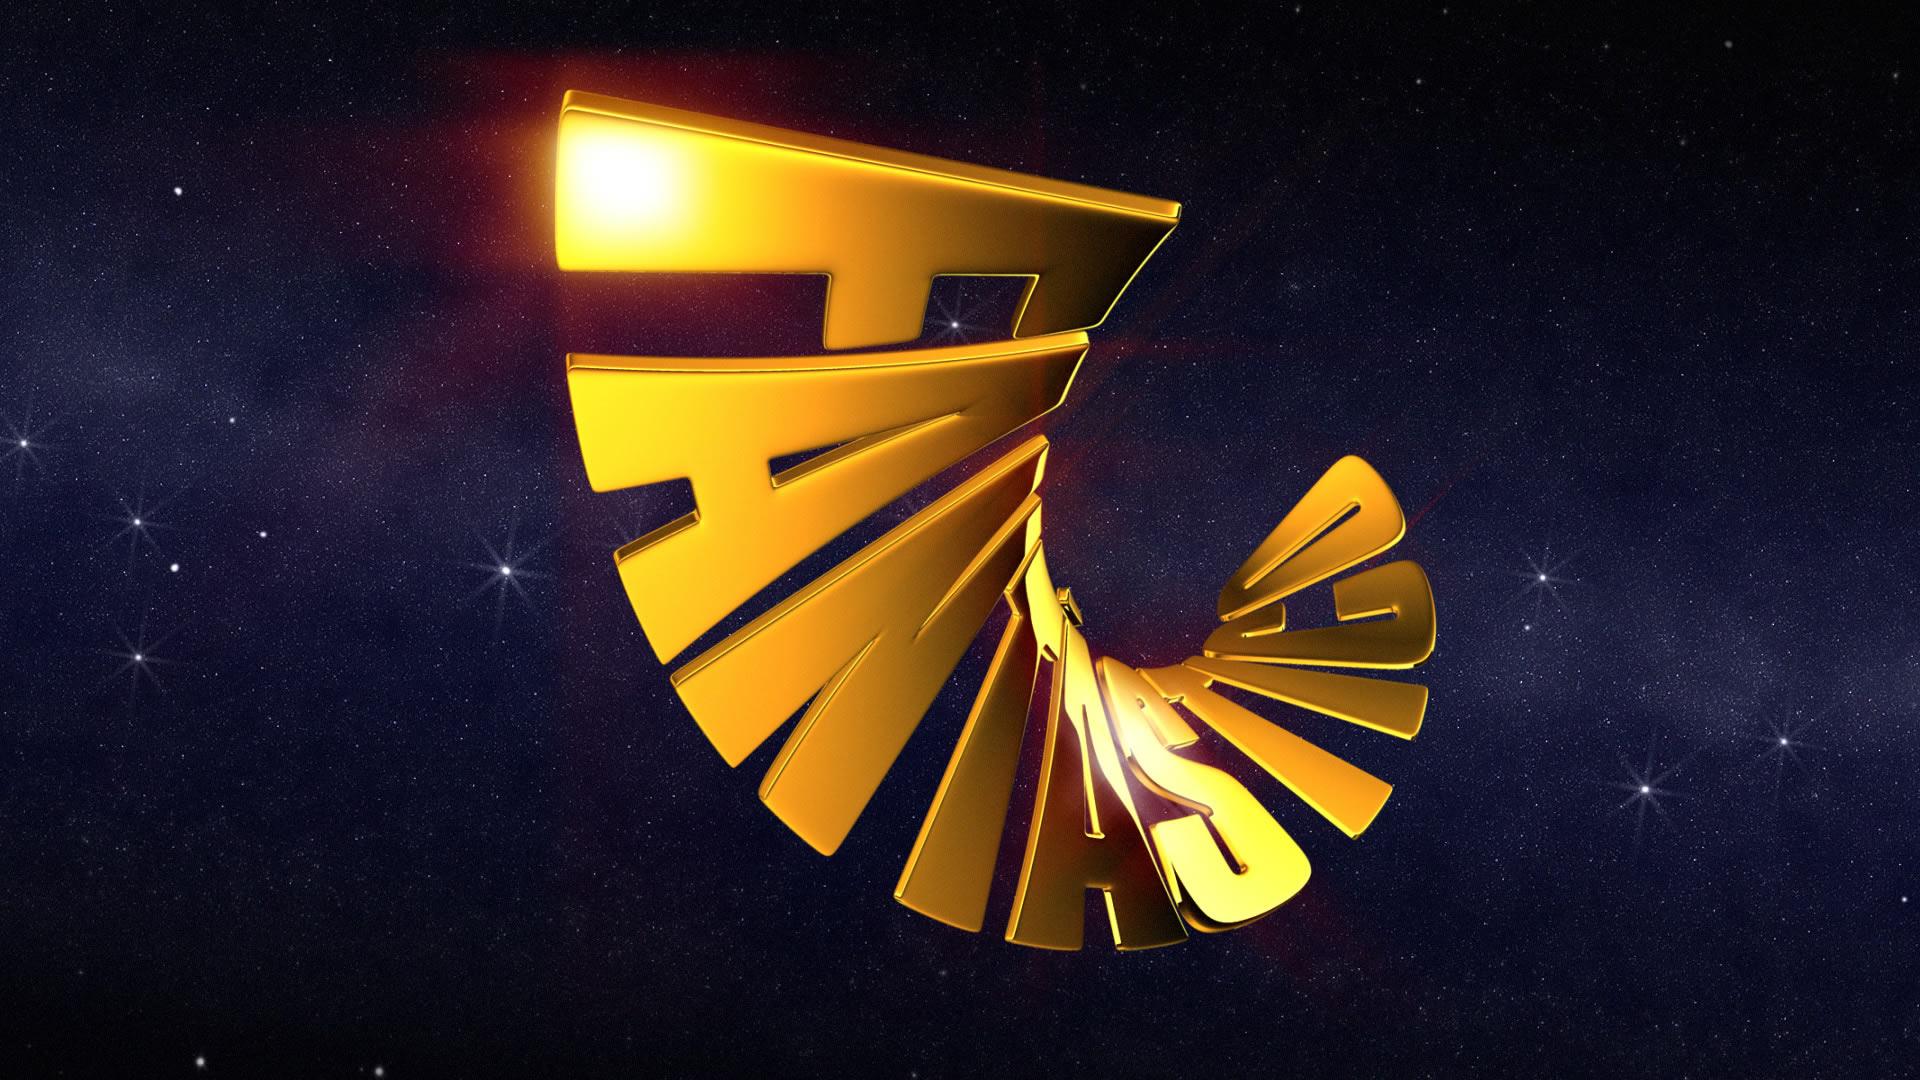 Fantástico repercute polêmica (Foto: Reprodução) Prêmio TV Foco